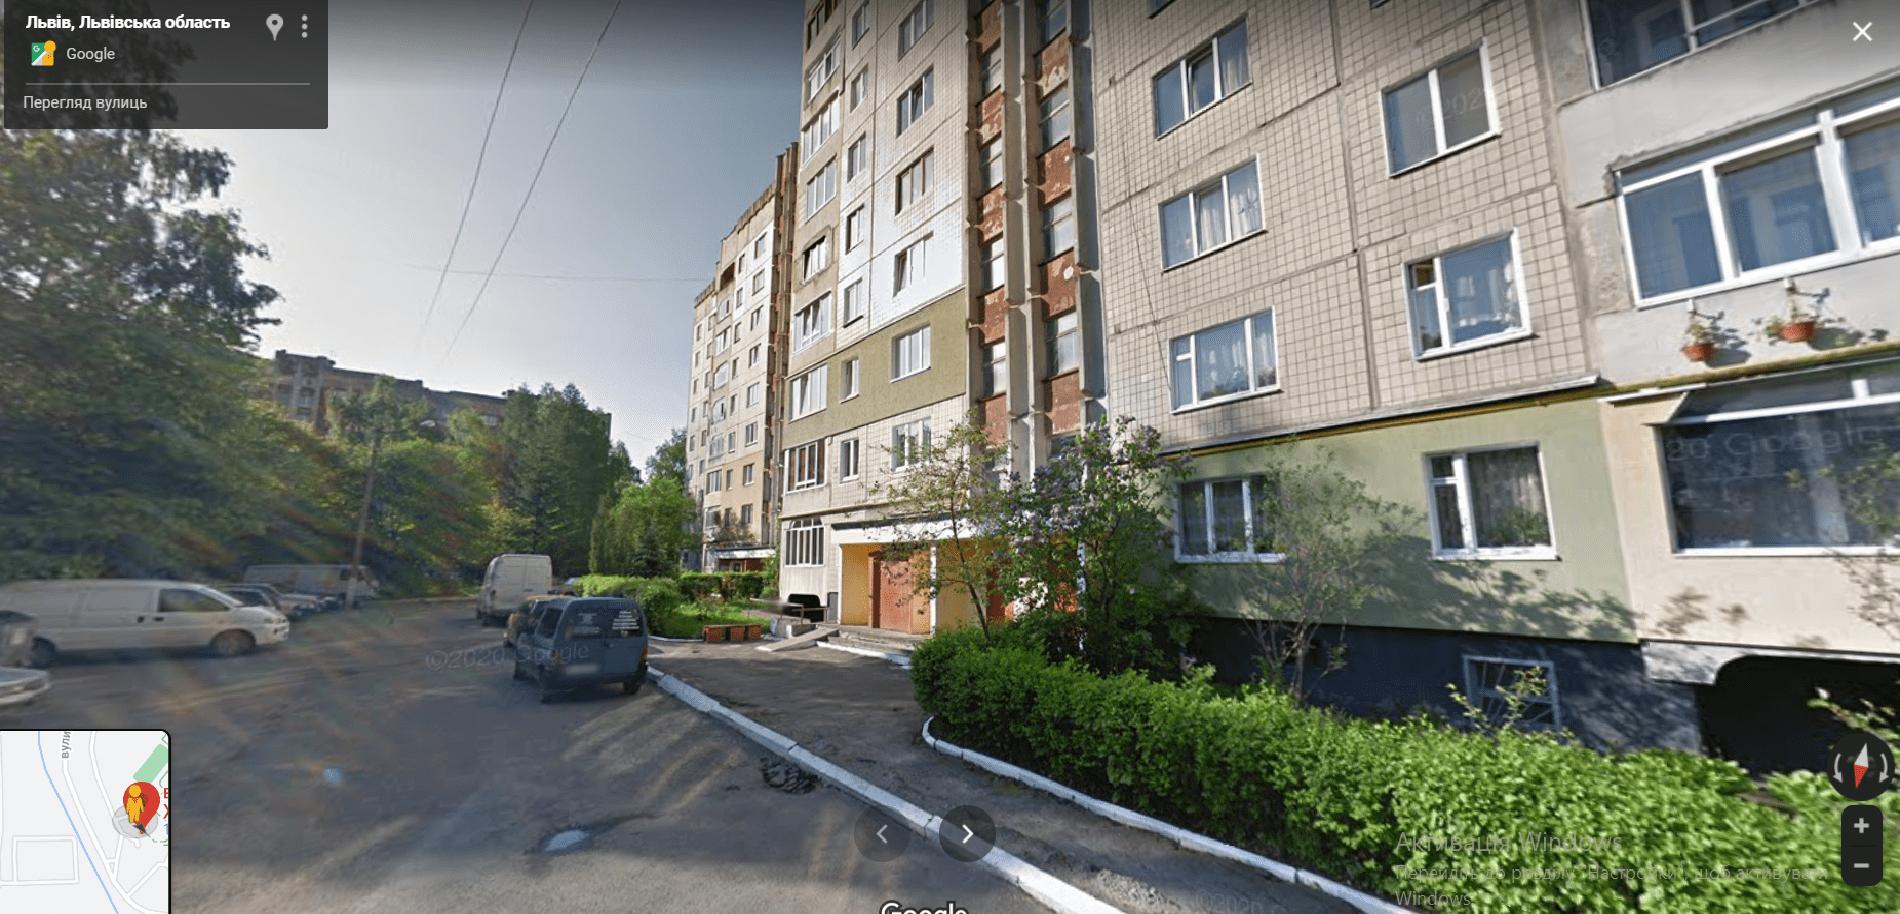 Повідомлення про проведення установчих зборів ОСББ за адресою вул. Хоткевича, 56